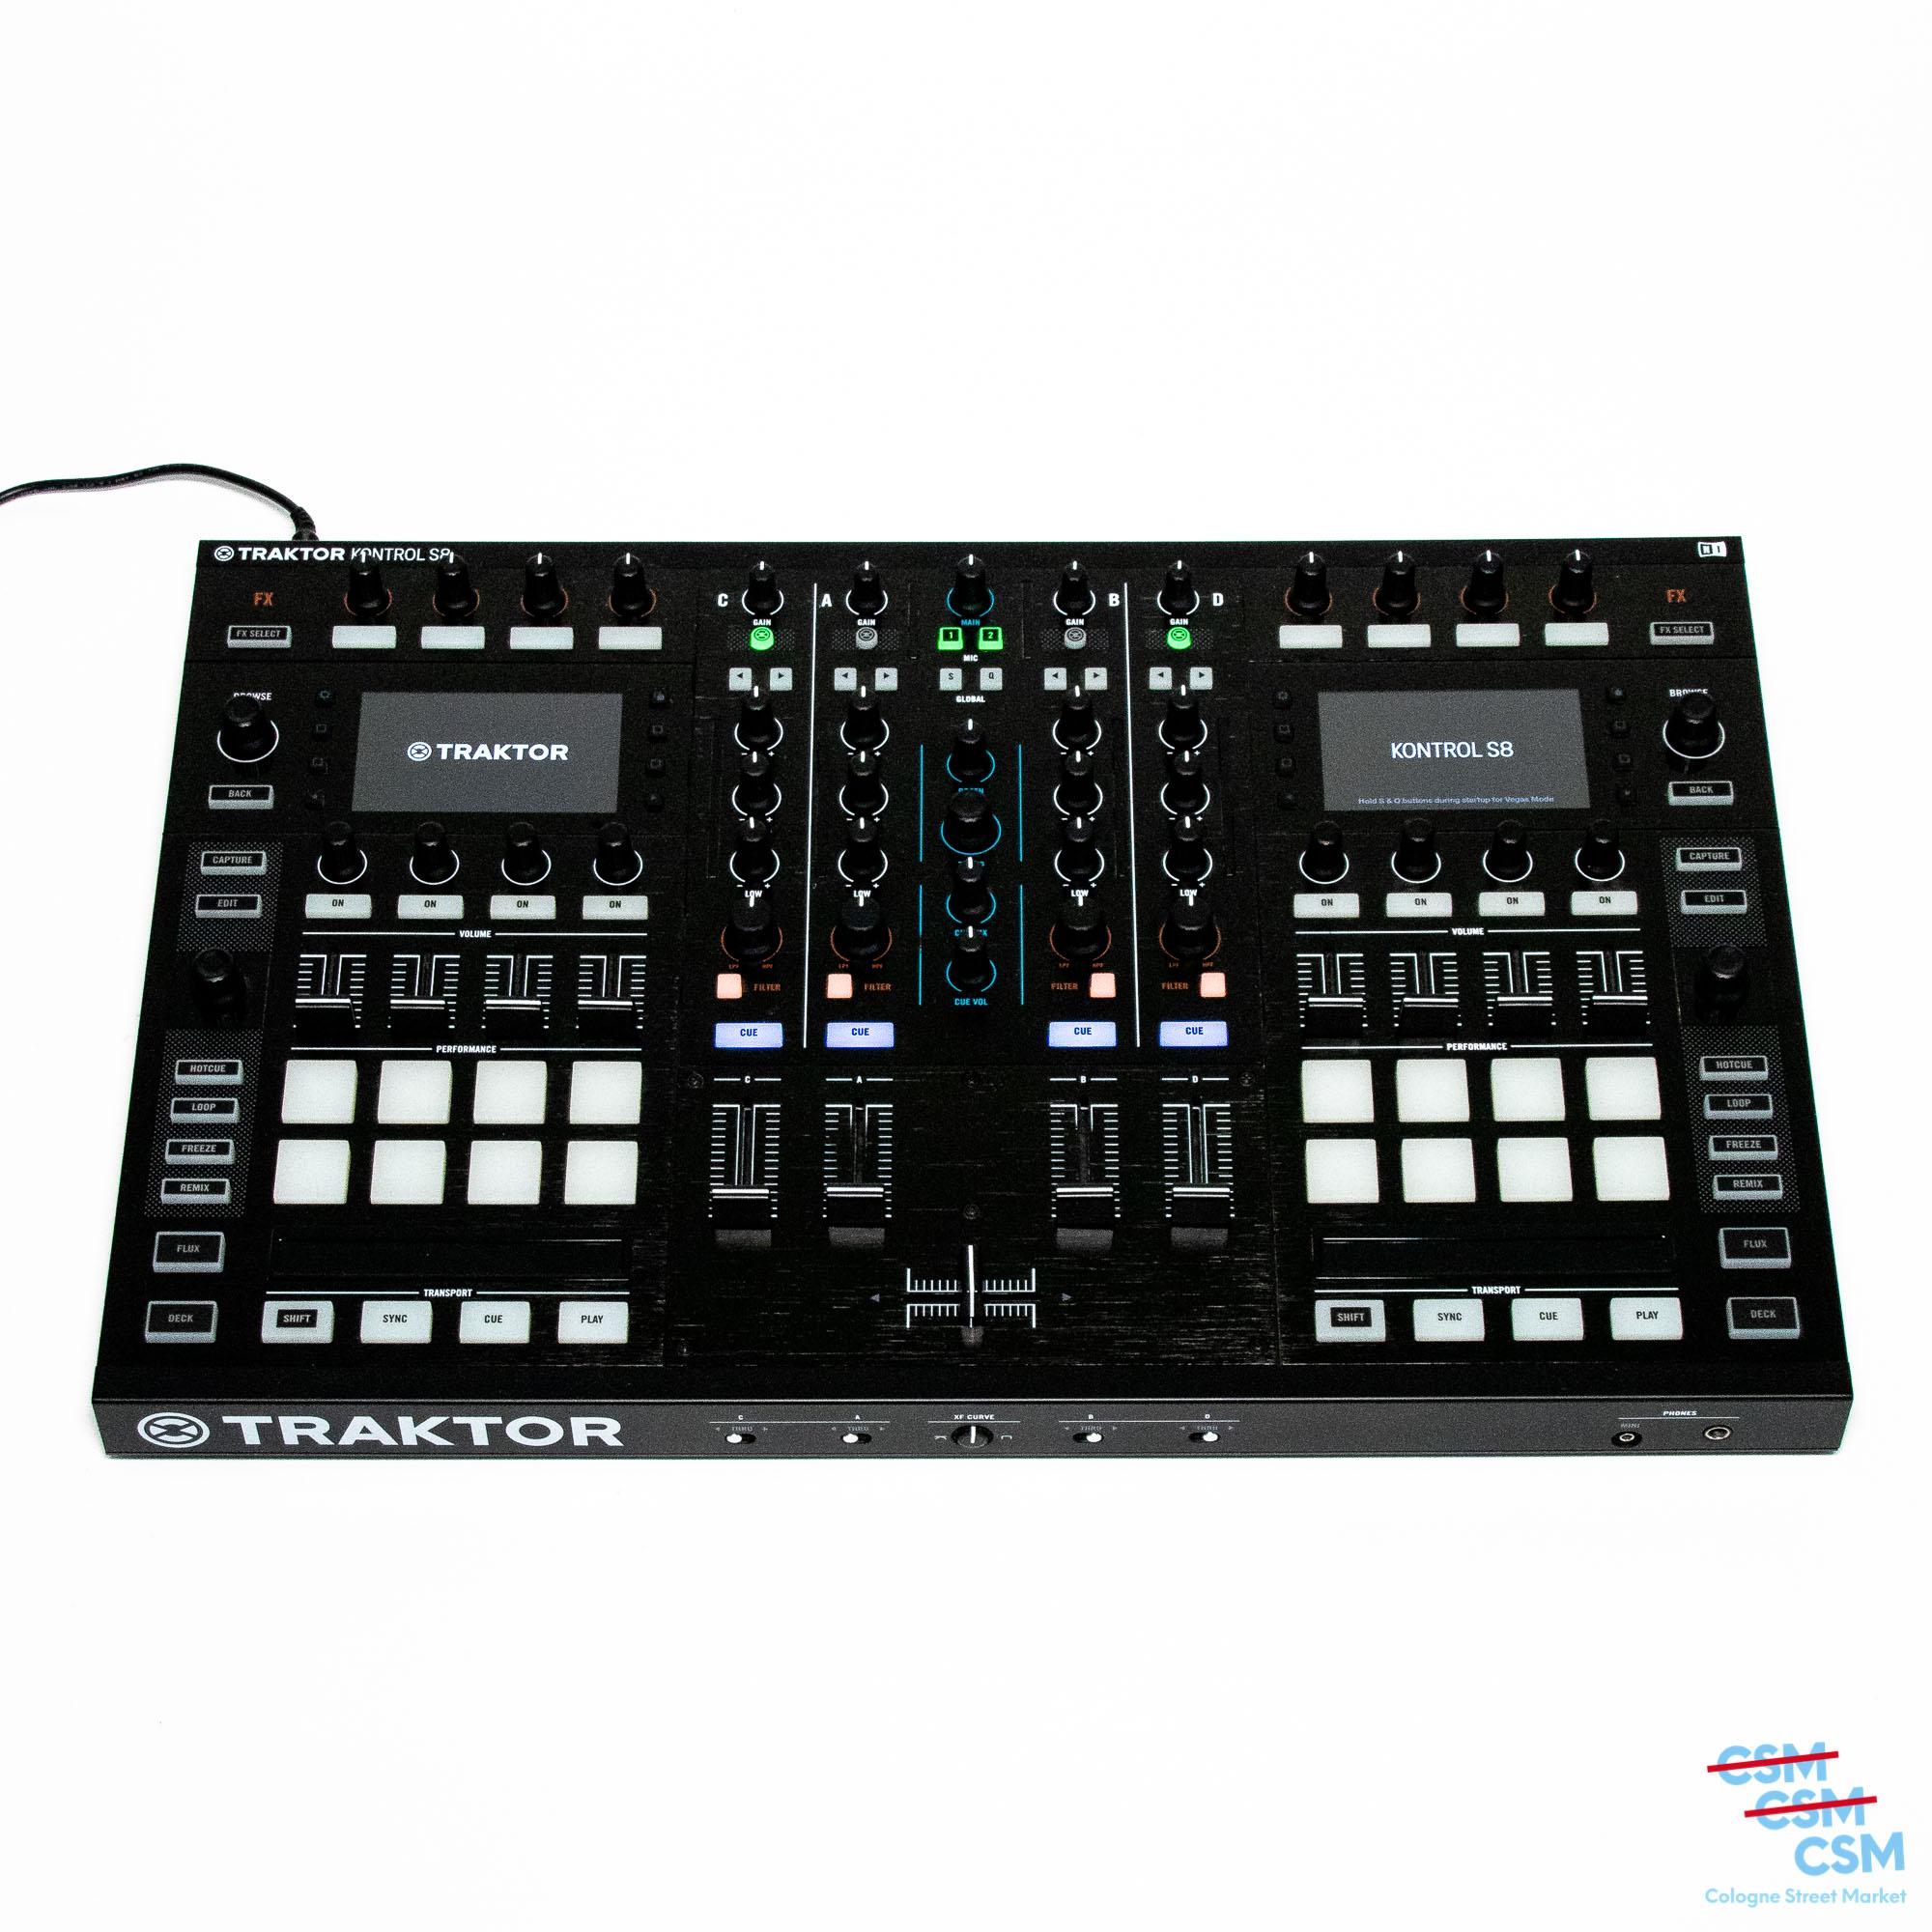 Gebraucht-kaufen-native-instruments-s8-01